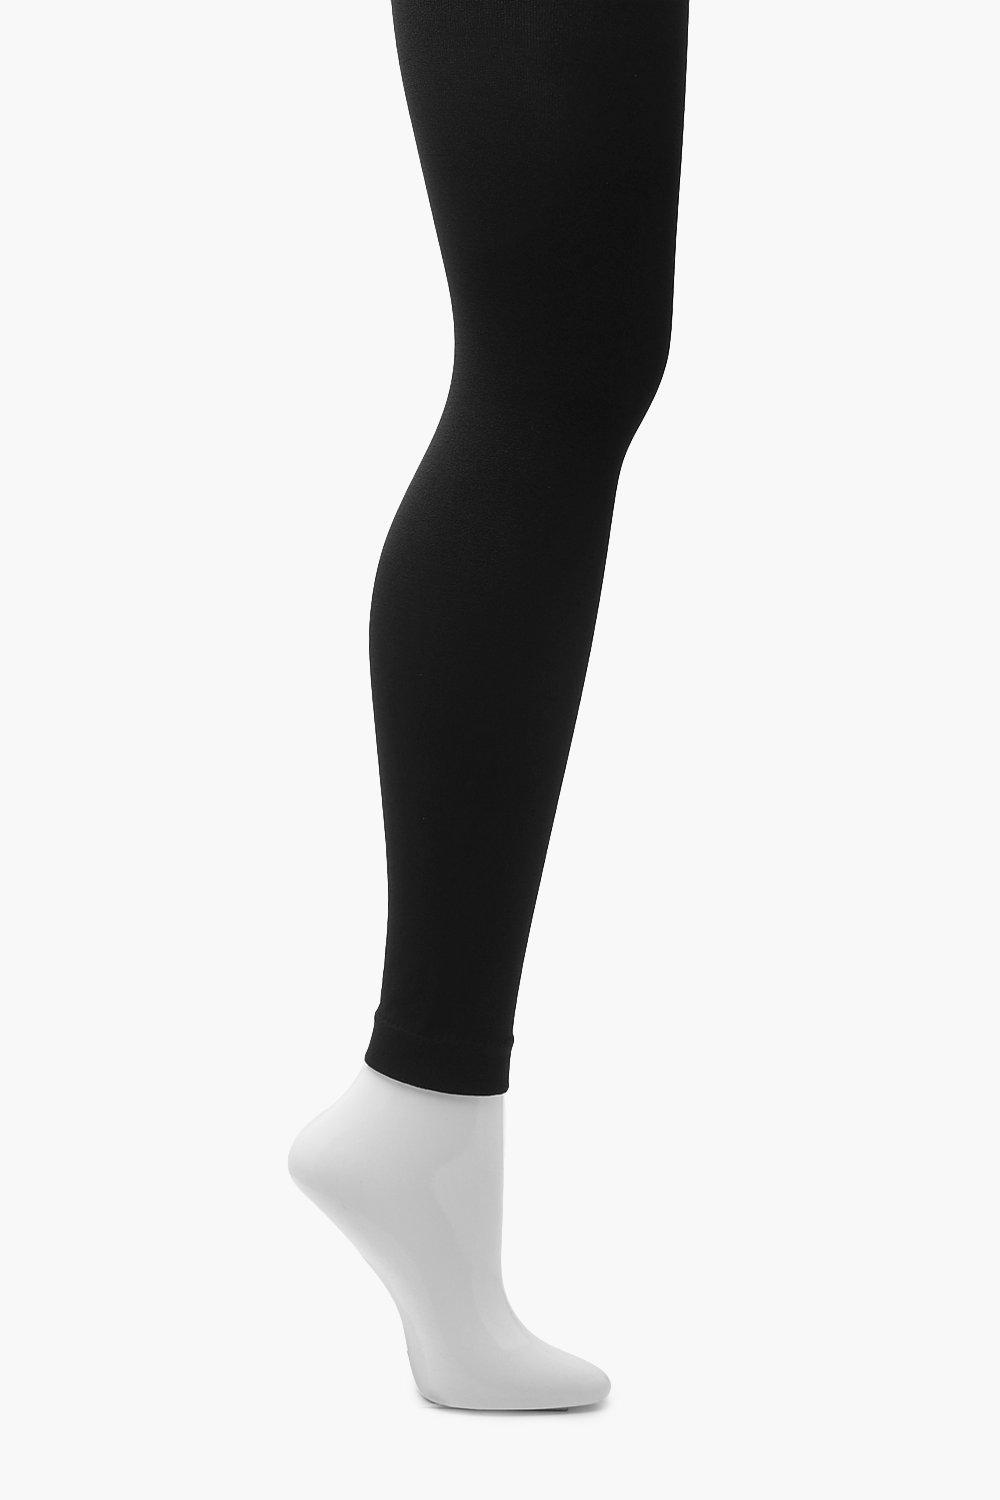 hot-vente authentique valeur formidable nouveau pas cher Collants thermiques sans pieds 300 Deniers | Boohoo